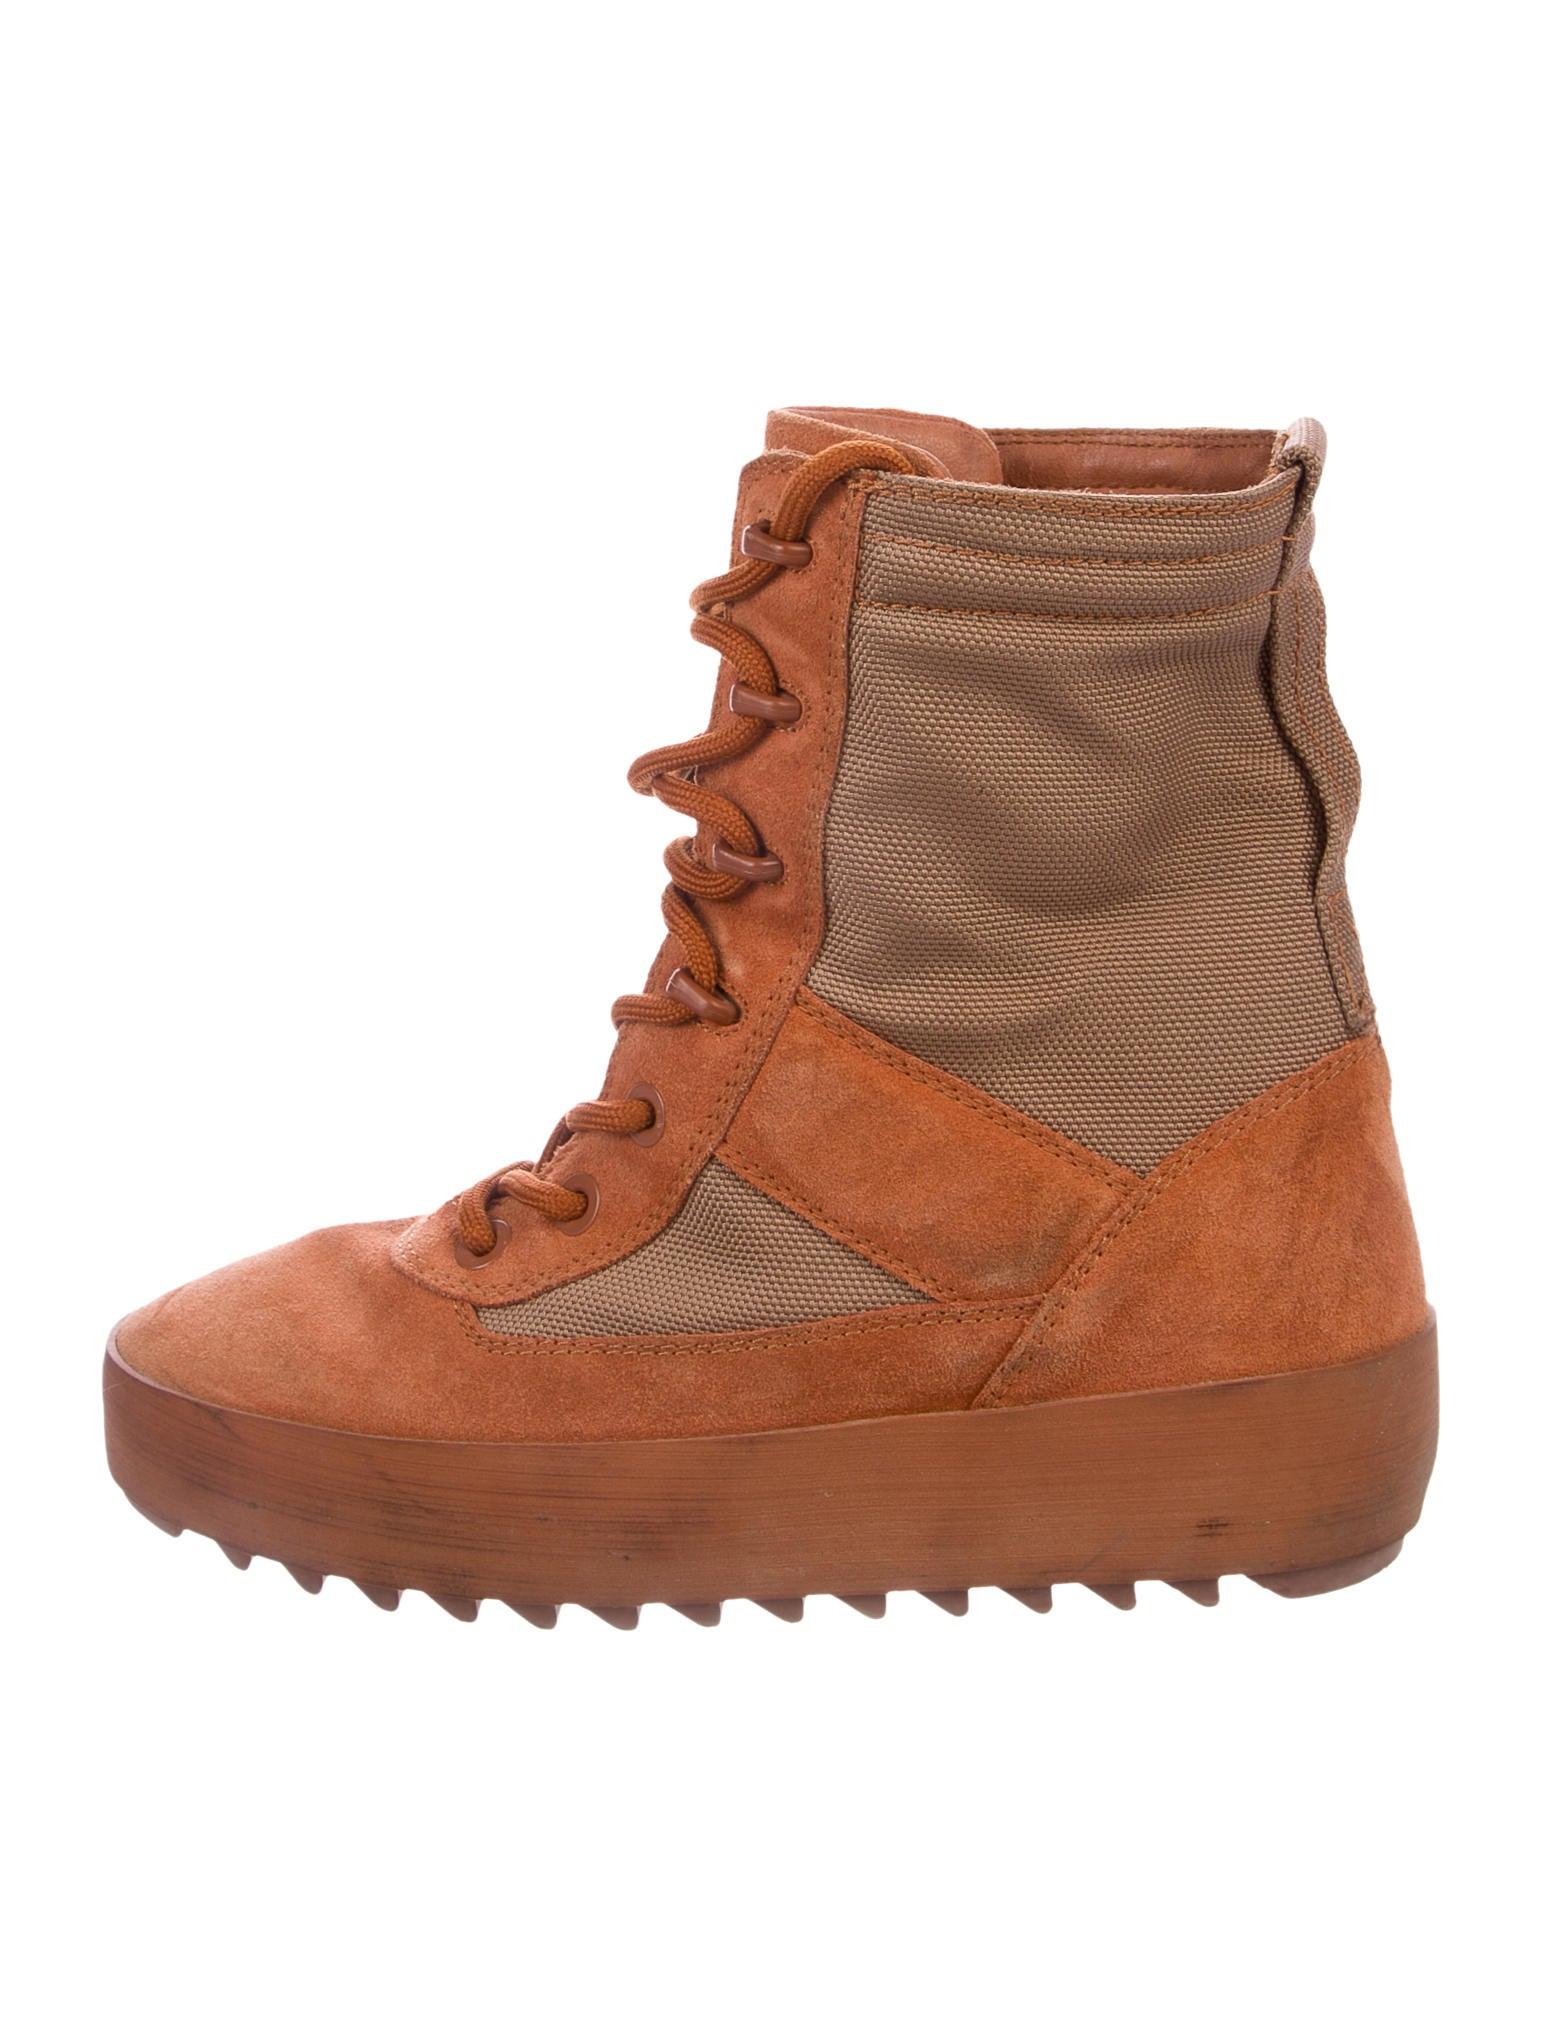 yeezy womens military boot